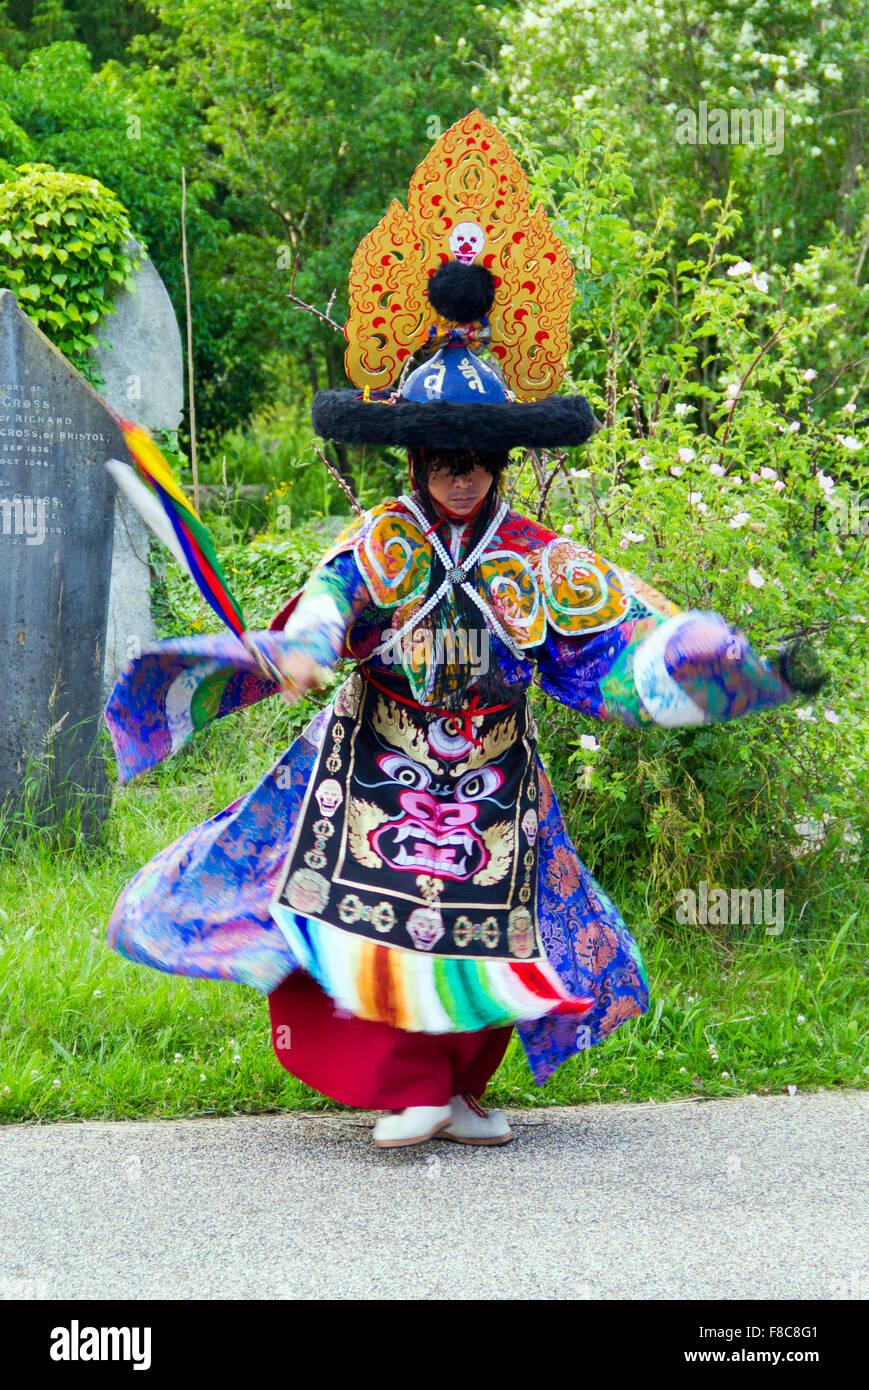 Moine Tashi Lhunpo participant à un chant et performance cham au Royaume-Uni. Il s'agit d'Shanak ou Photo Stock